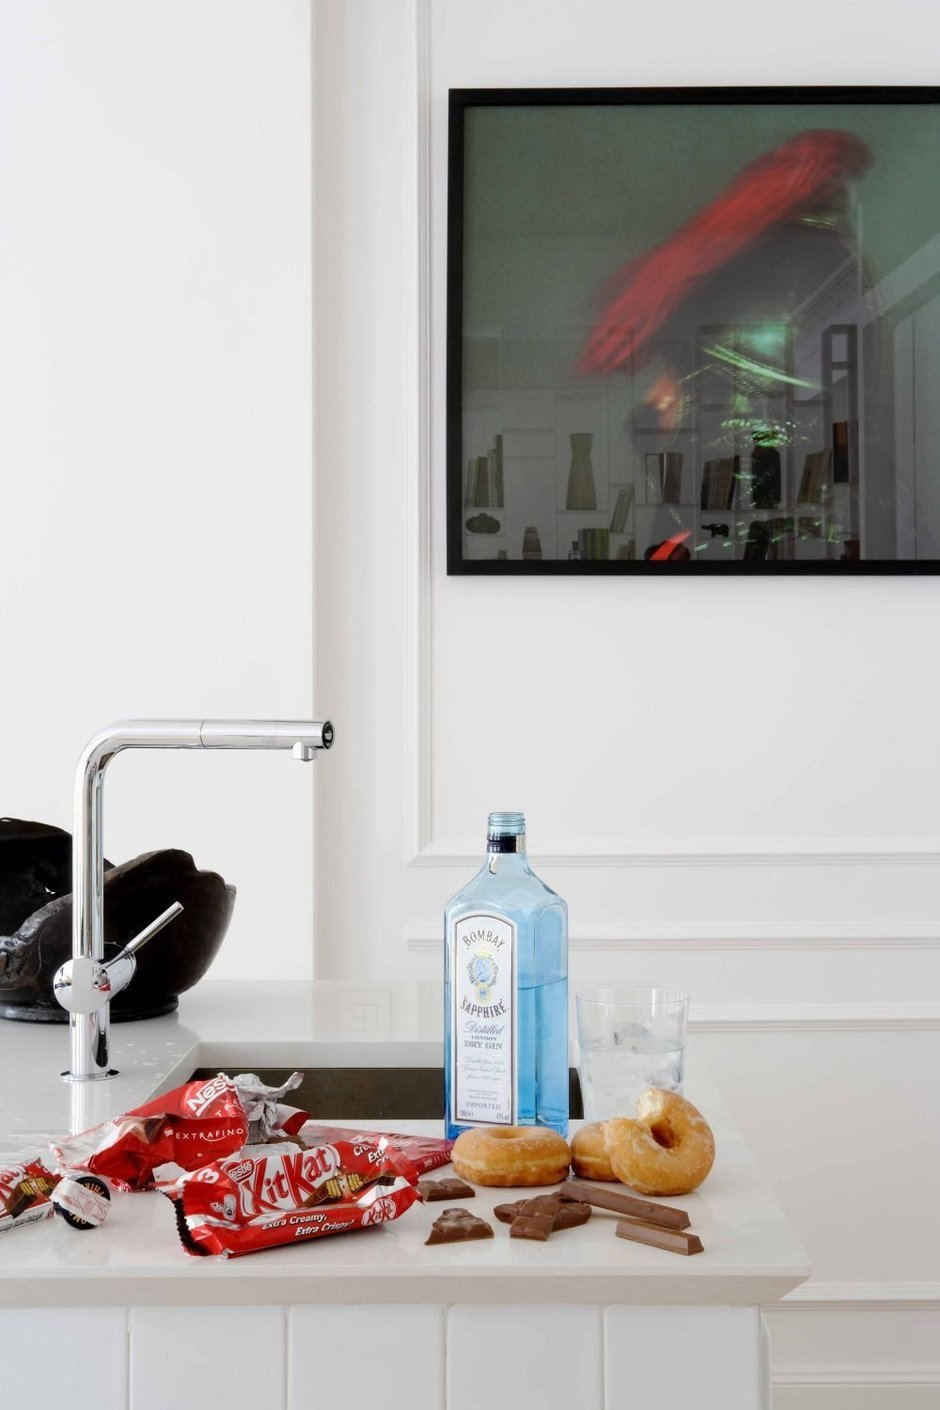 Фотография: Кухня и столовая в стиле Современный, Классический, Эклектика, Квартира, Цвет в интерьере, Дома и квартиры, Белый, Ретро – фото на InMyRoom.ru